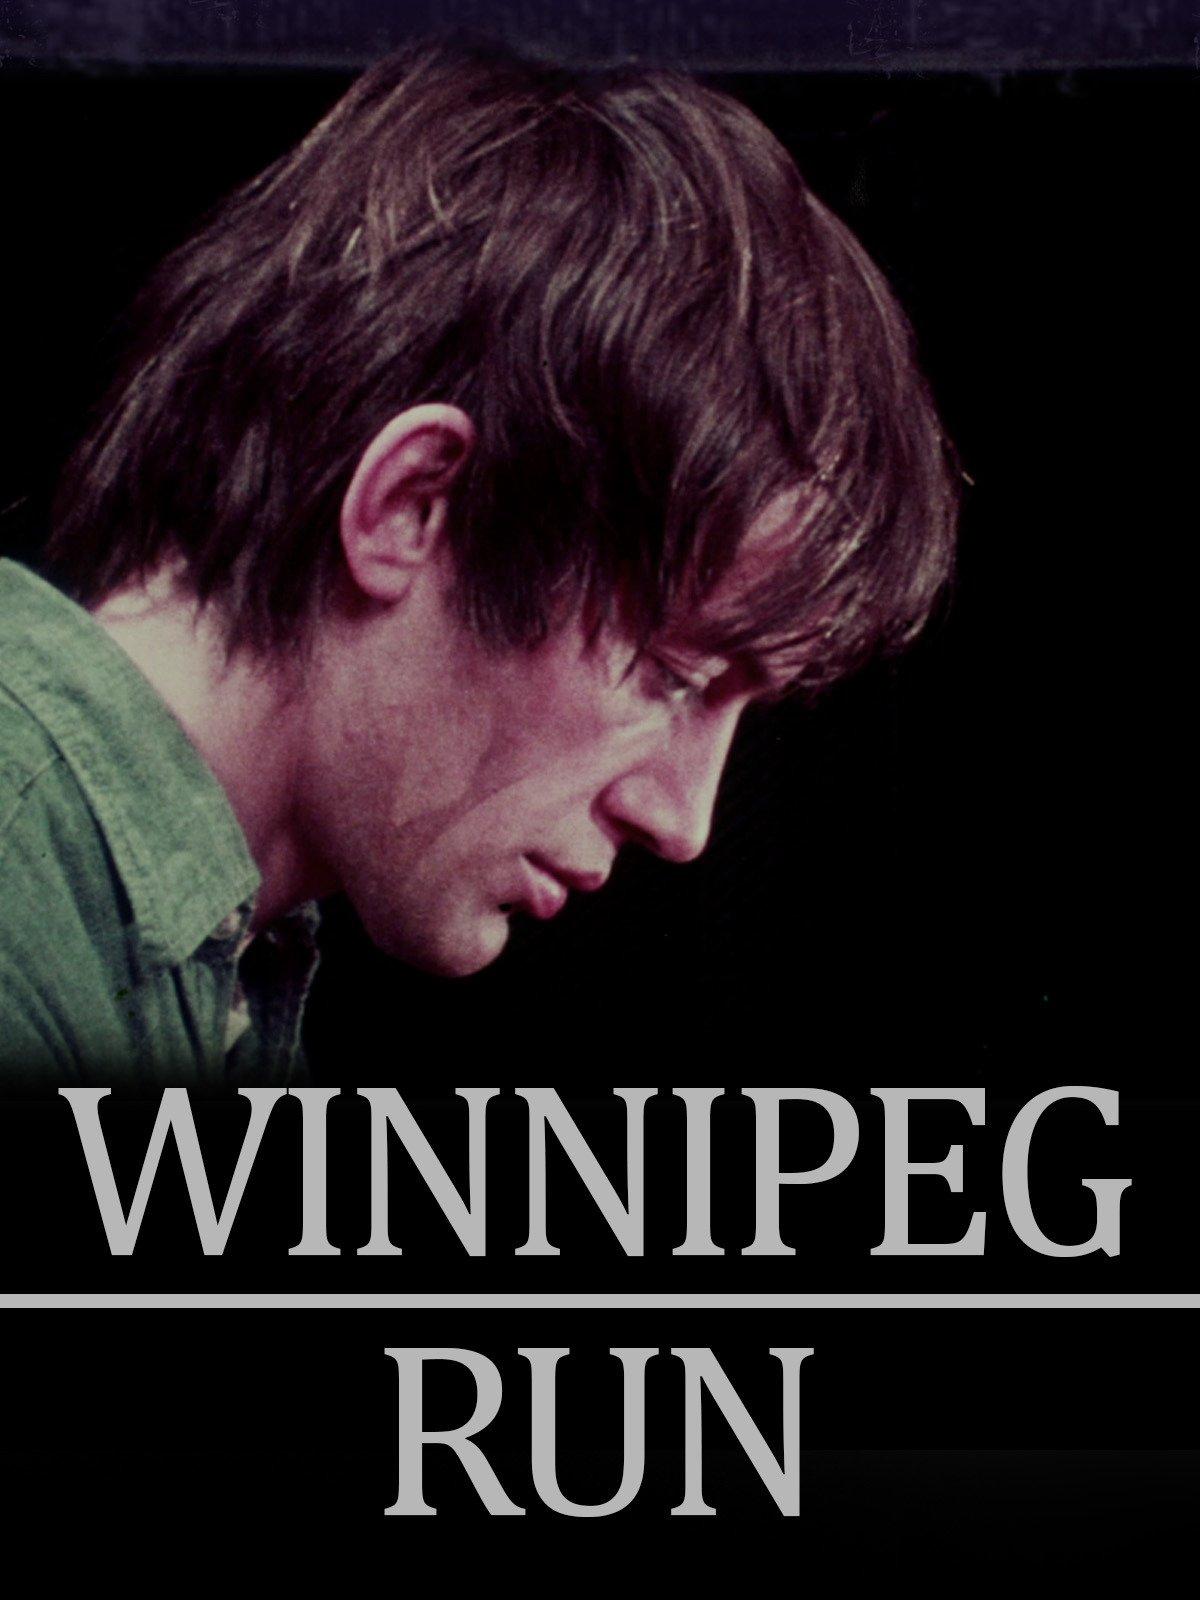 The Winnipeg Run